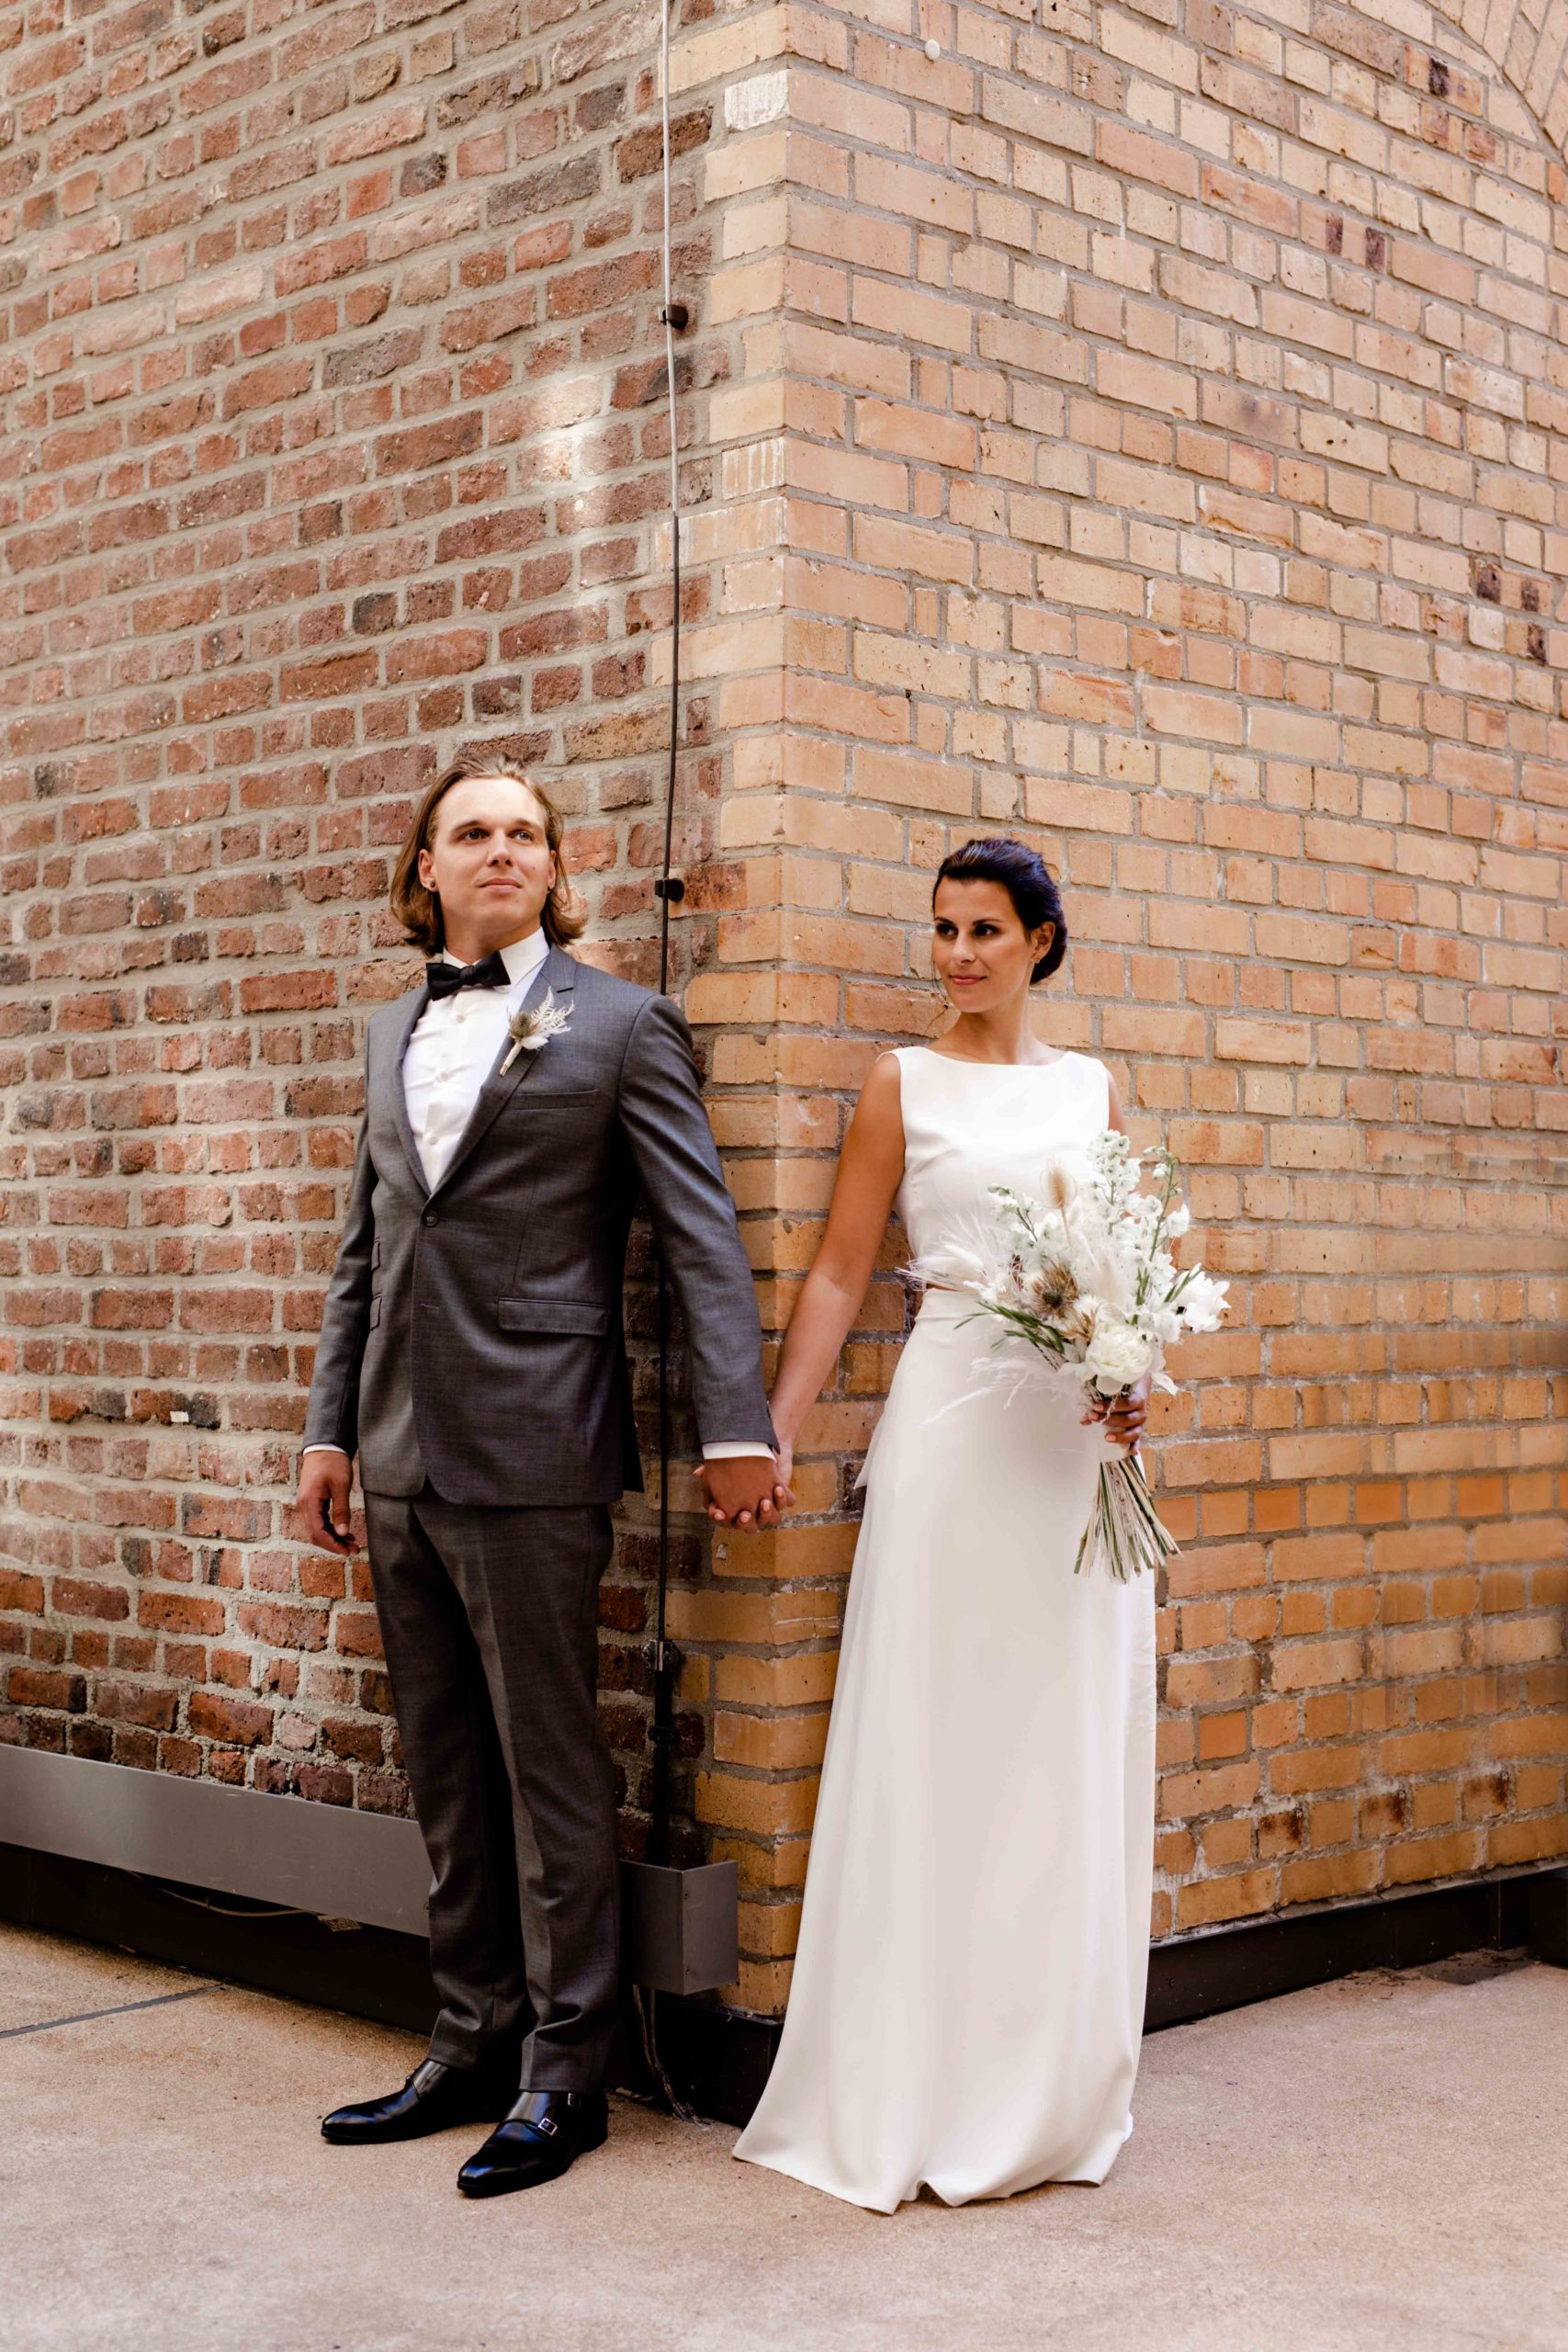 Styled Shoot Brautmode, Model-Brautpaar händchenhaltend in Hochzeitsgarderobe mit Brautstrauss vor Backsteinmauer